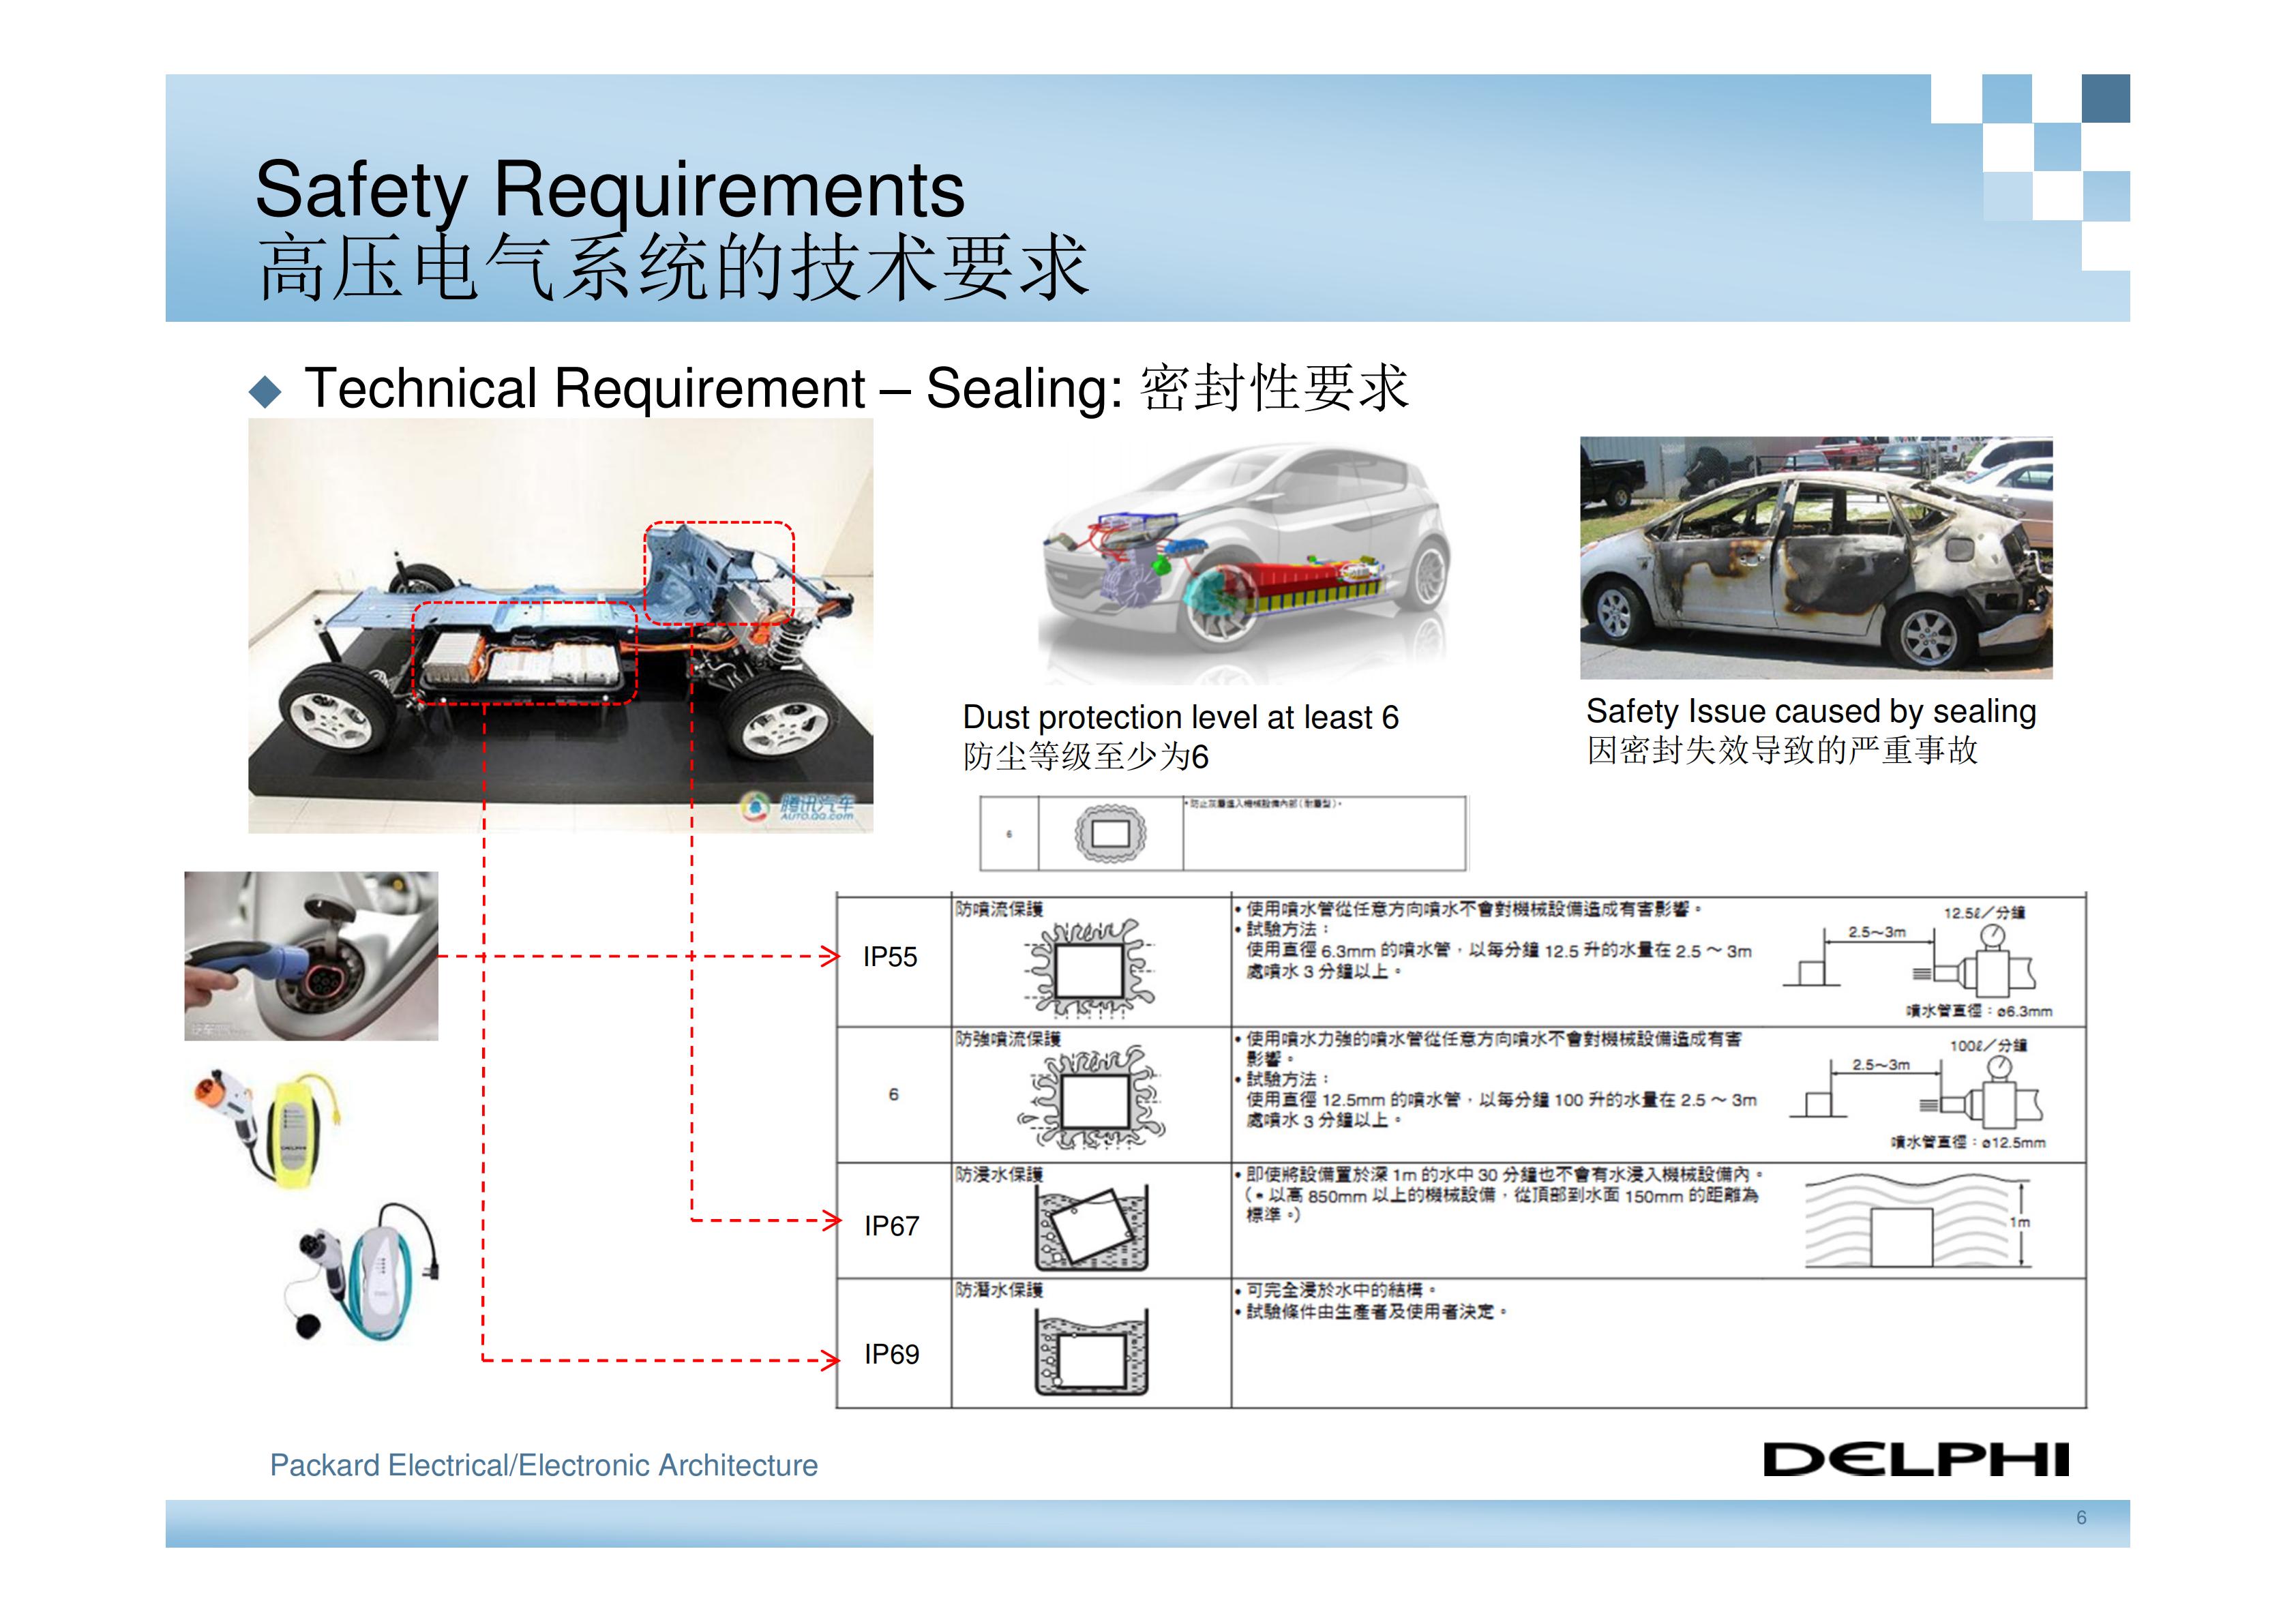 德尔福-新能源汽车高压电气系统架构_05